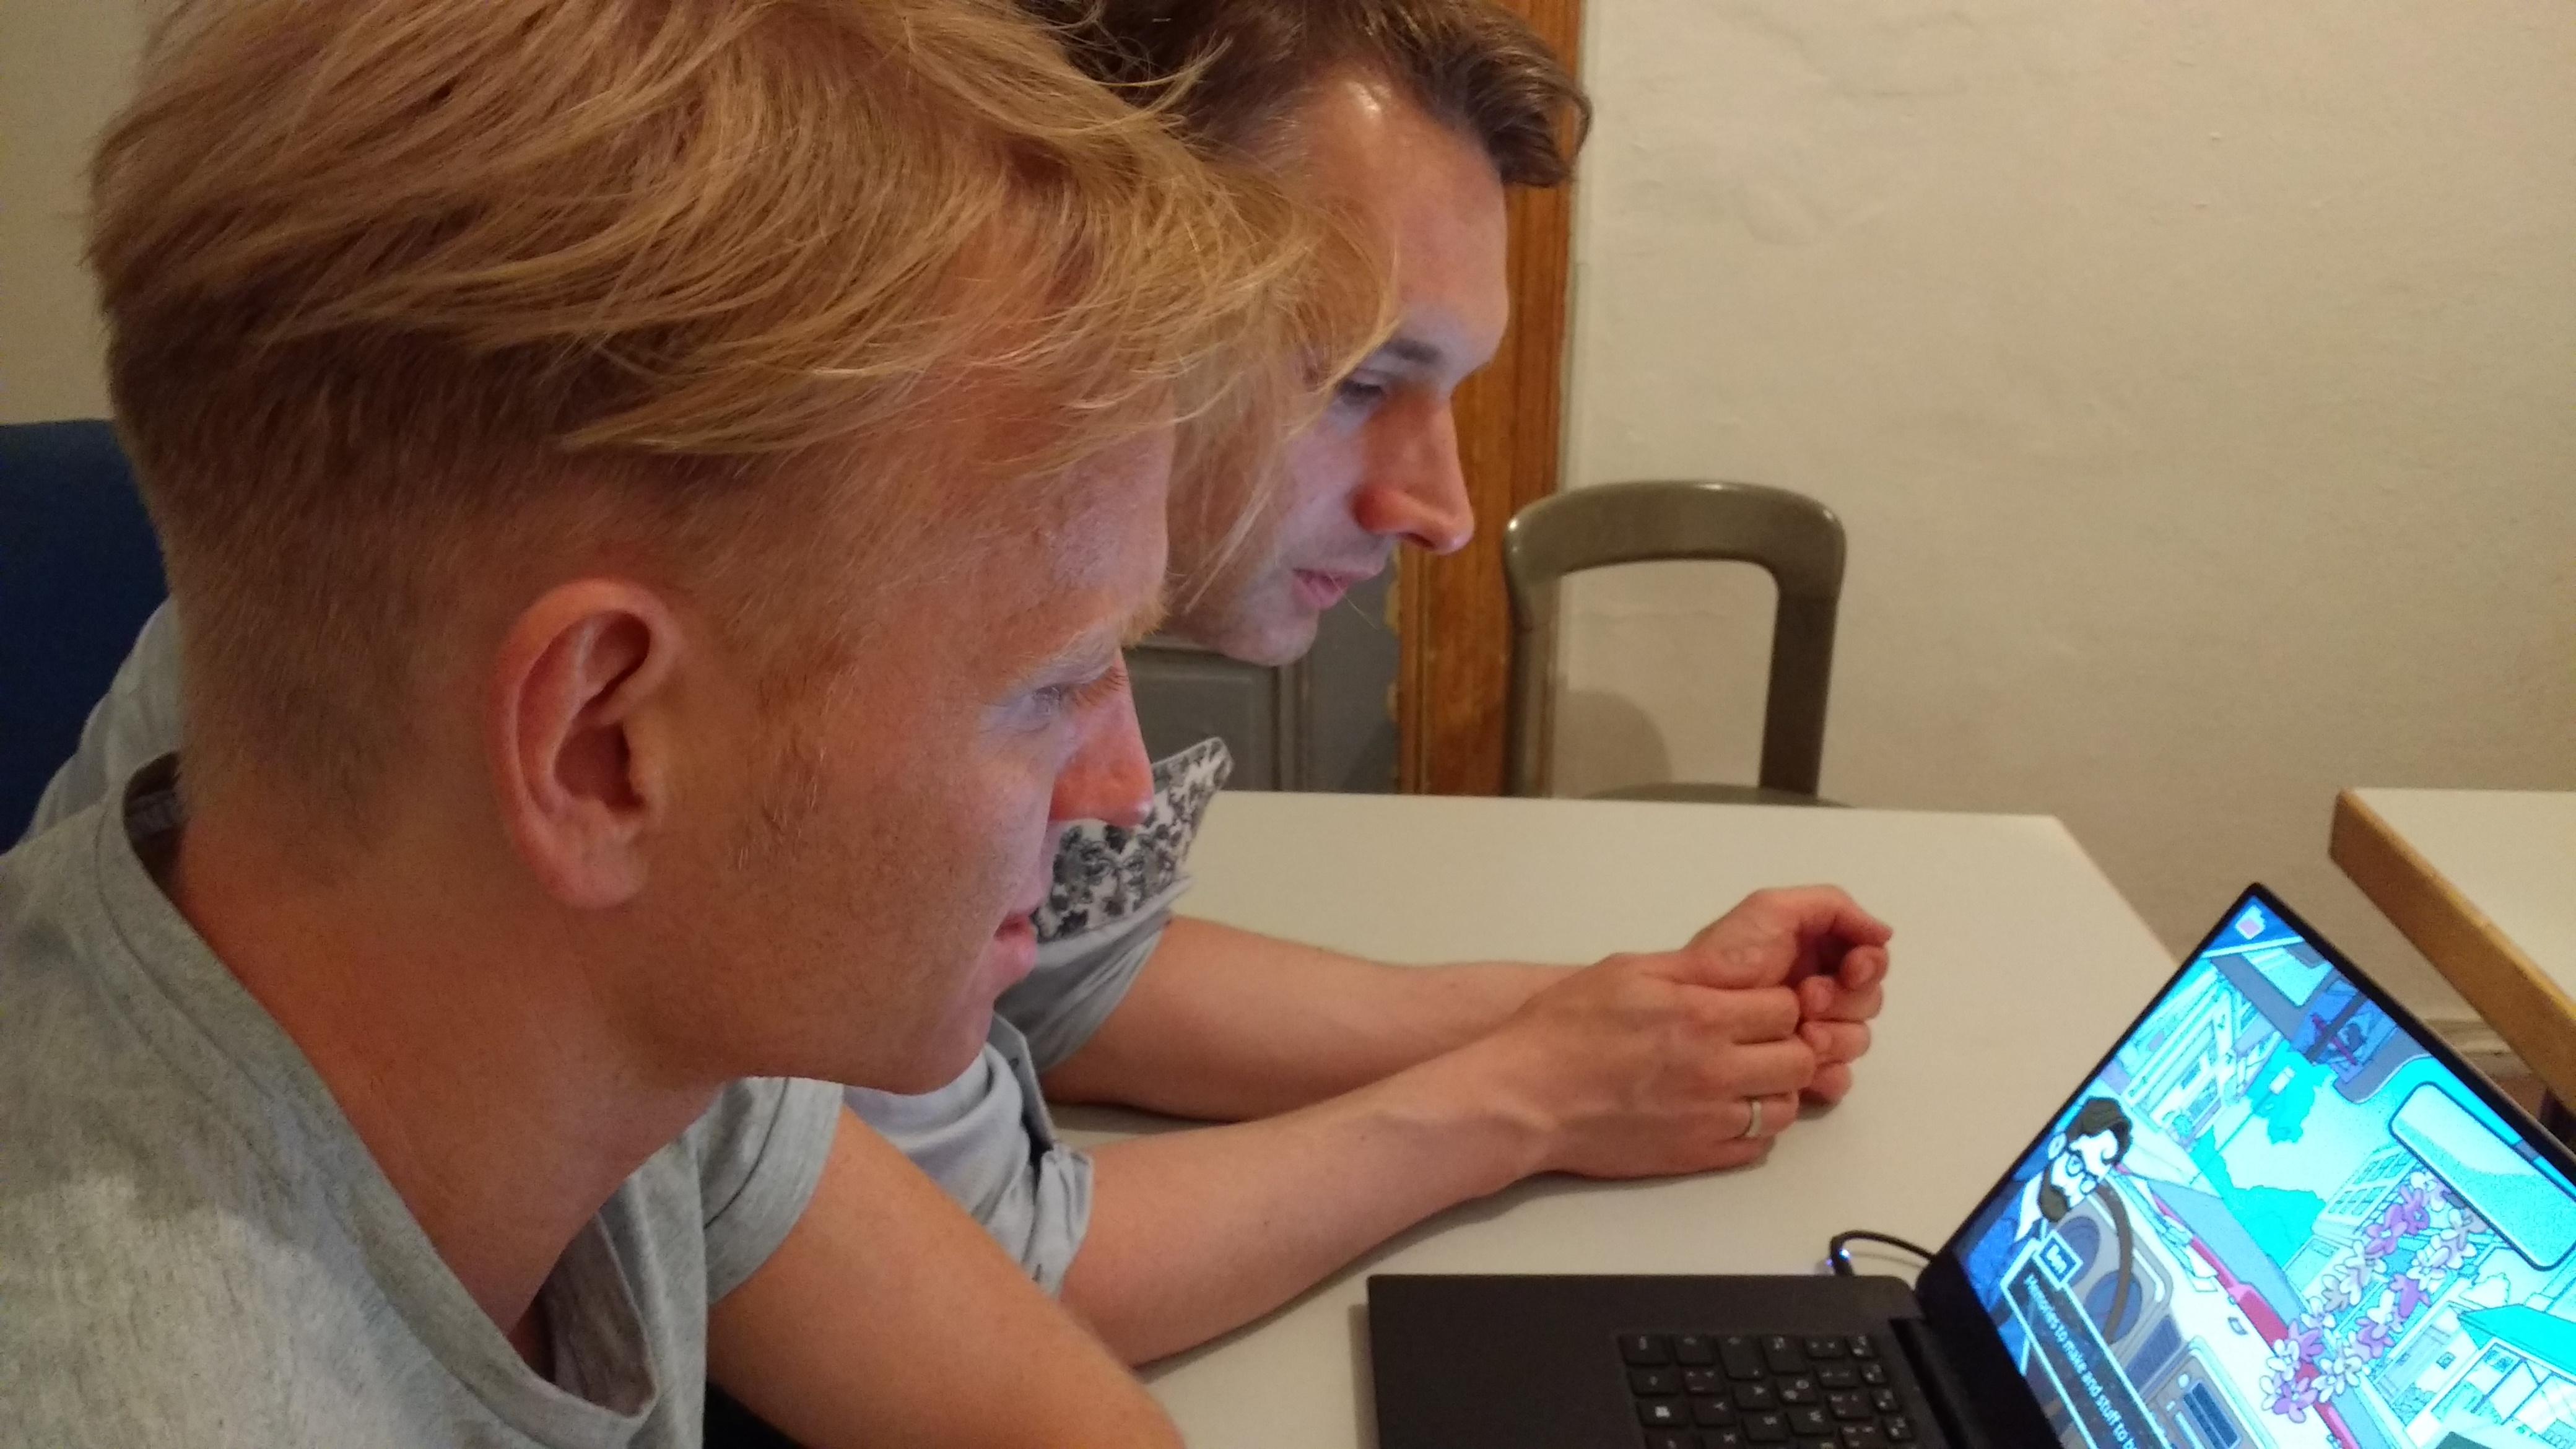 pfalz dating plattform schwul kostenlos partnersuche  Erst Ständer, dann Gesicht: Diese Dating-App zeigt Dir einfach ALLES.